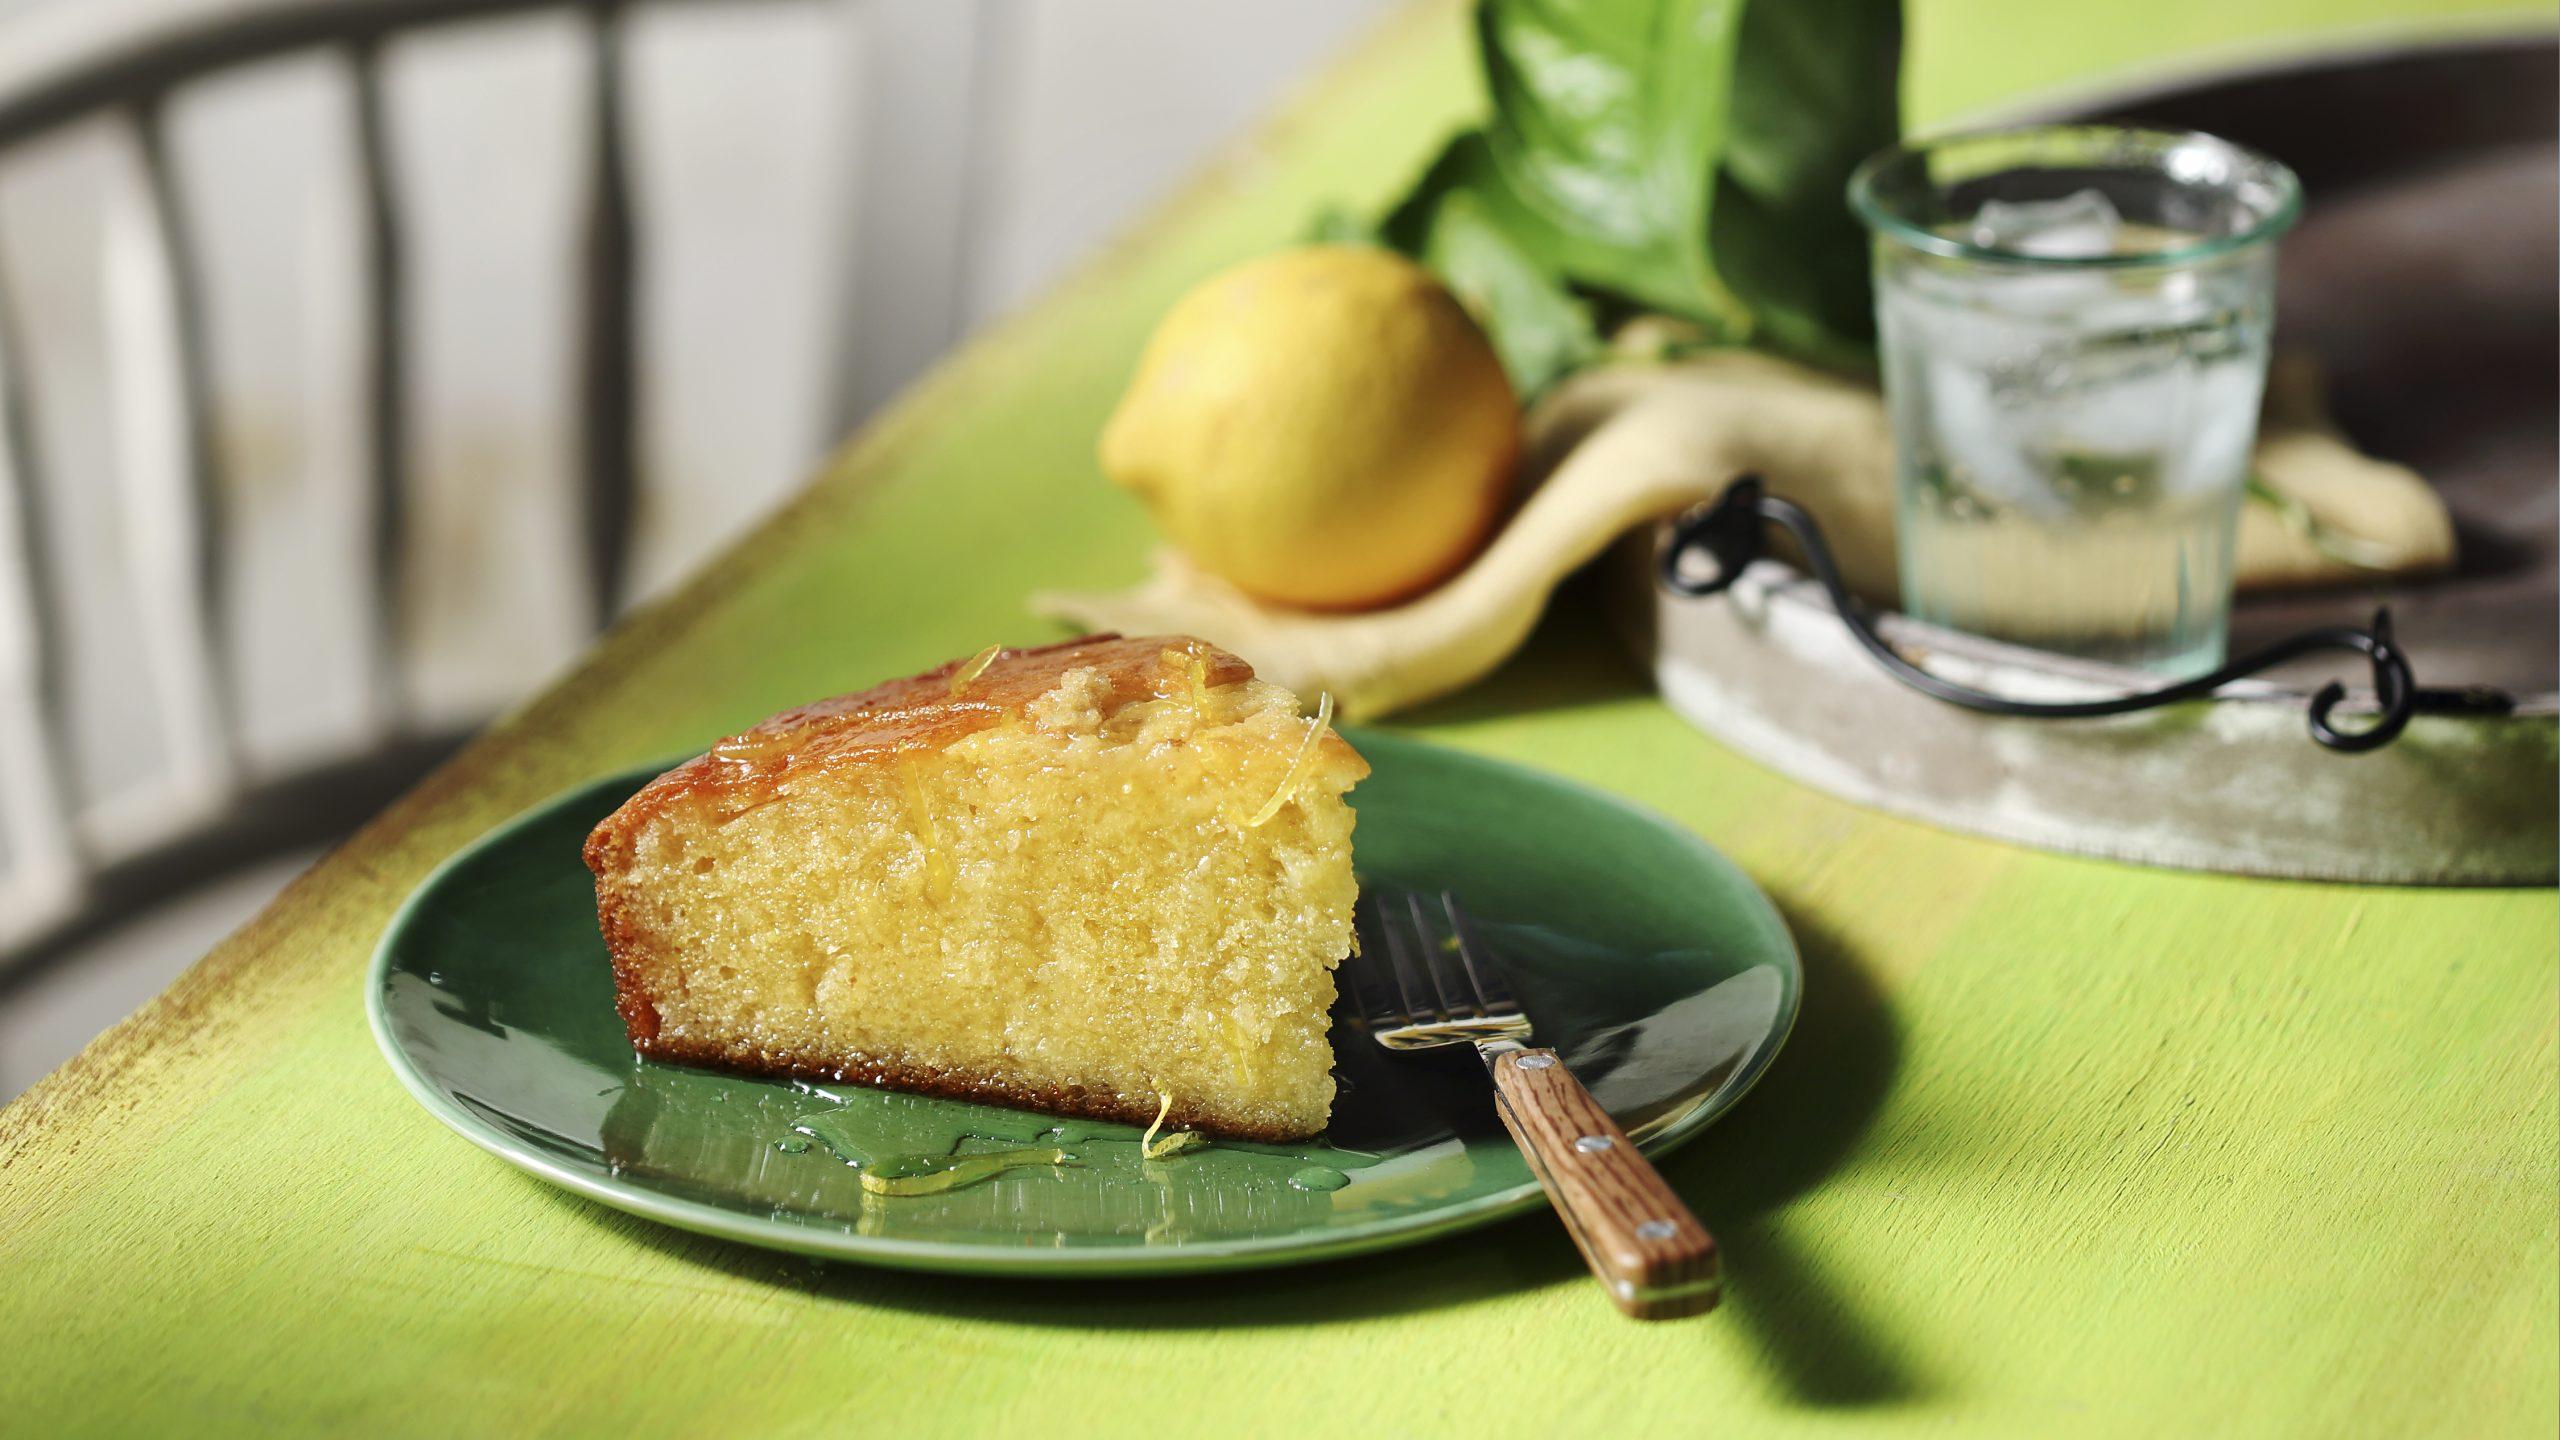 γλυκα - ευκολα γλυκα - ευκολο γλυκο - συνταγεσ για γλυκα - αργυρω μπαρμπαριγου συνταγεσ για γλυκα